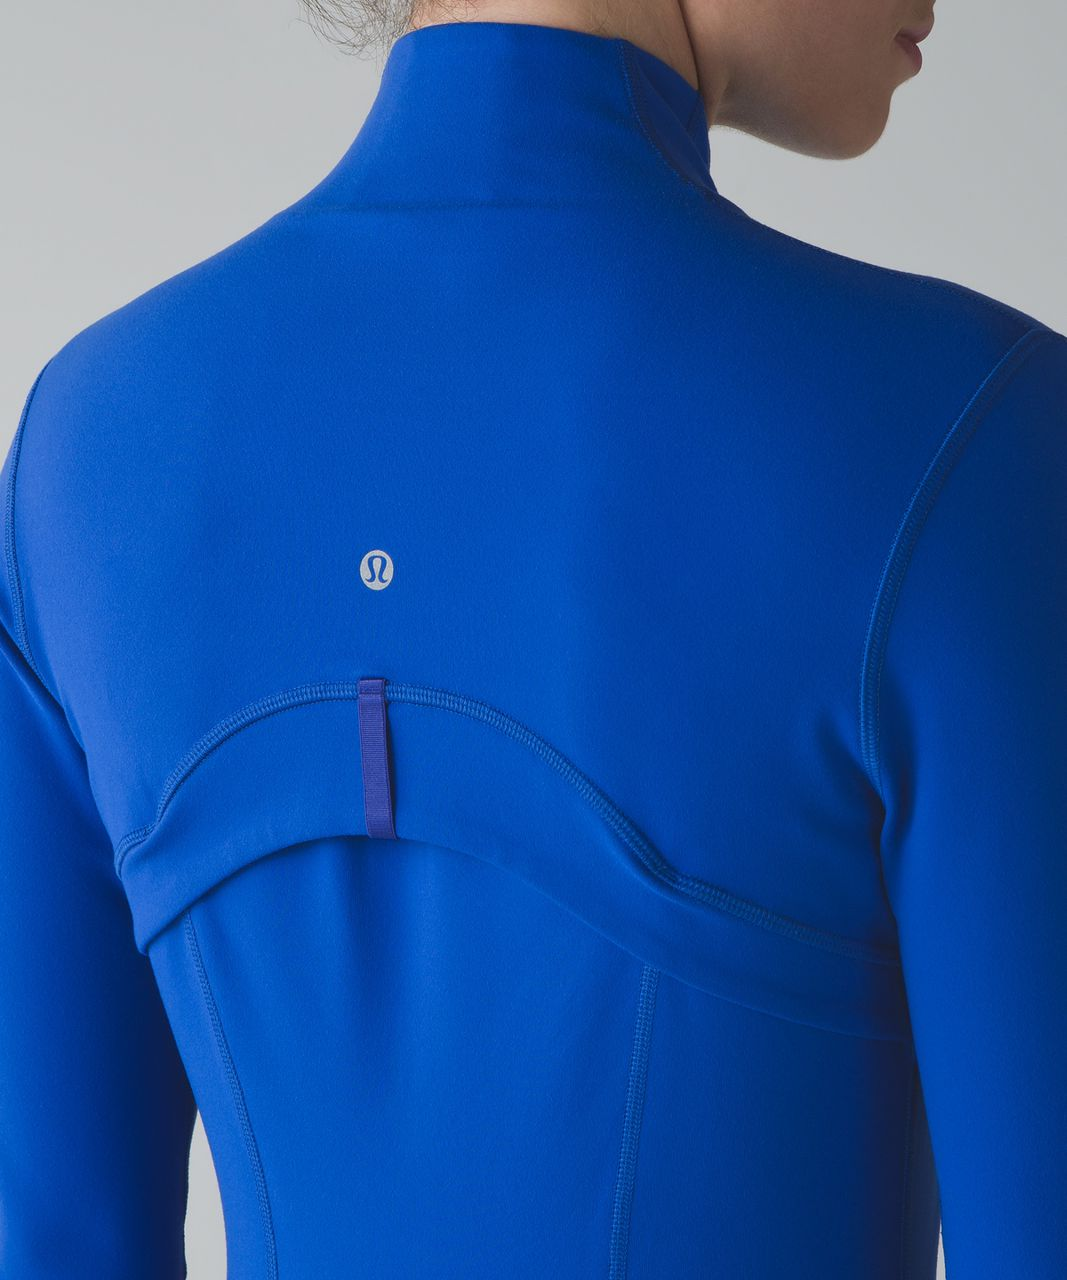 Lululemon Define Jacket - Harbor Blue